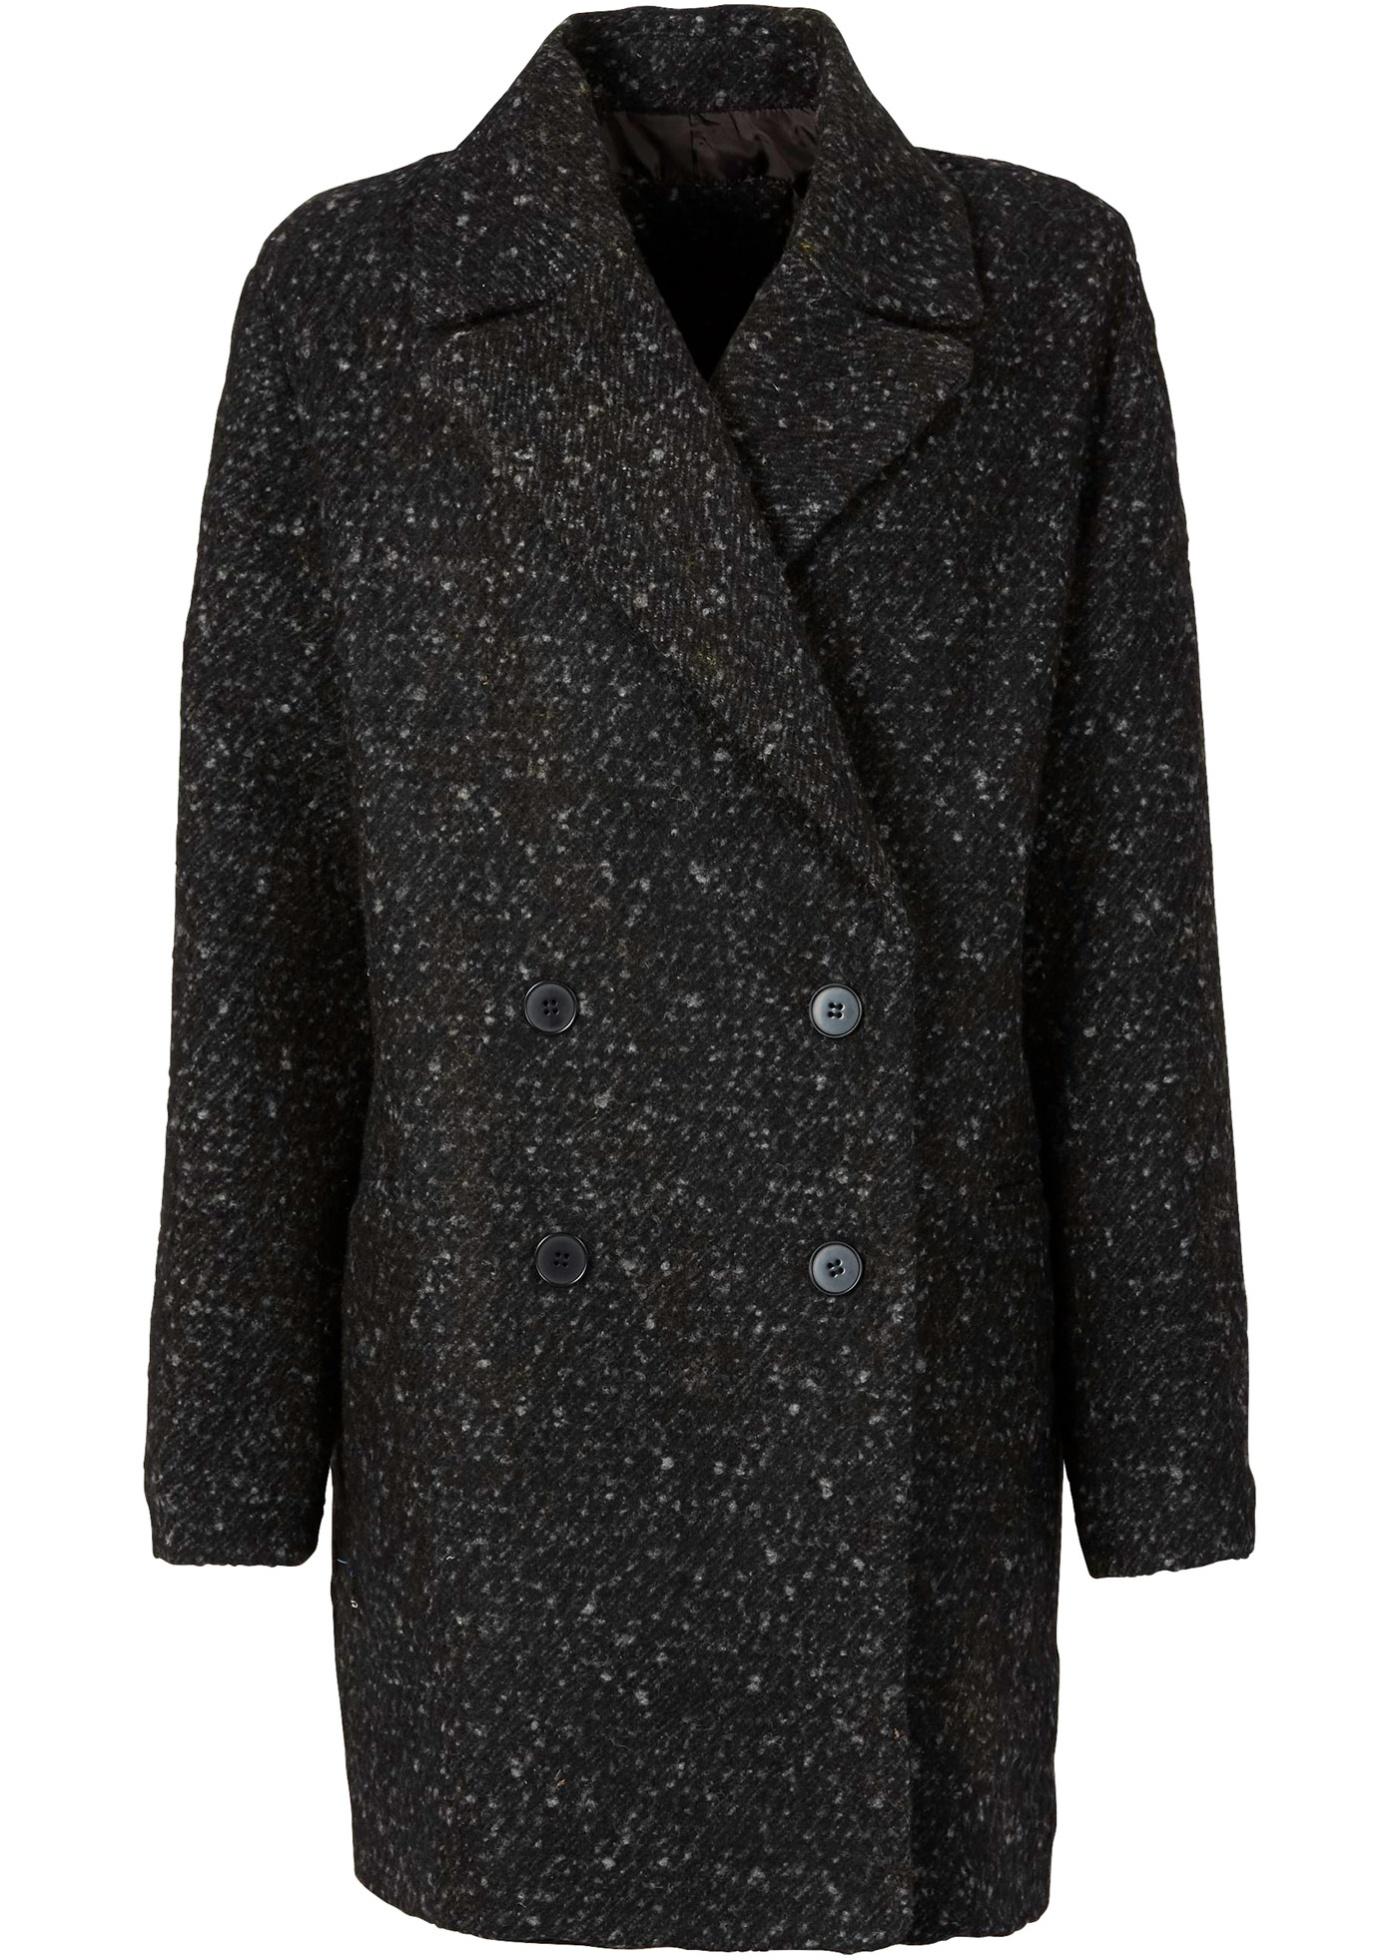 Manteau court oversize noir manches longues...